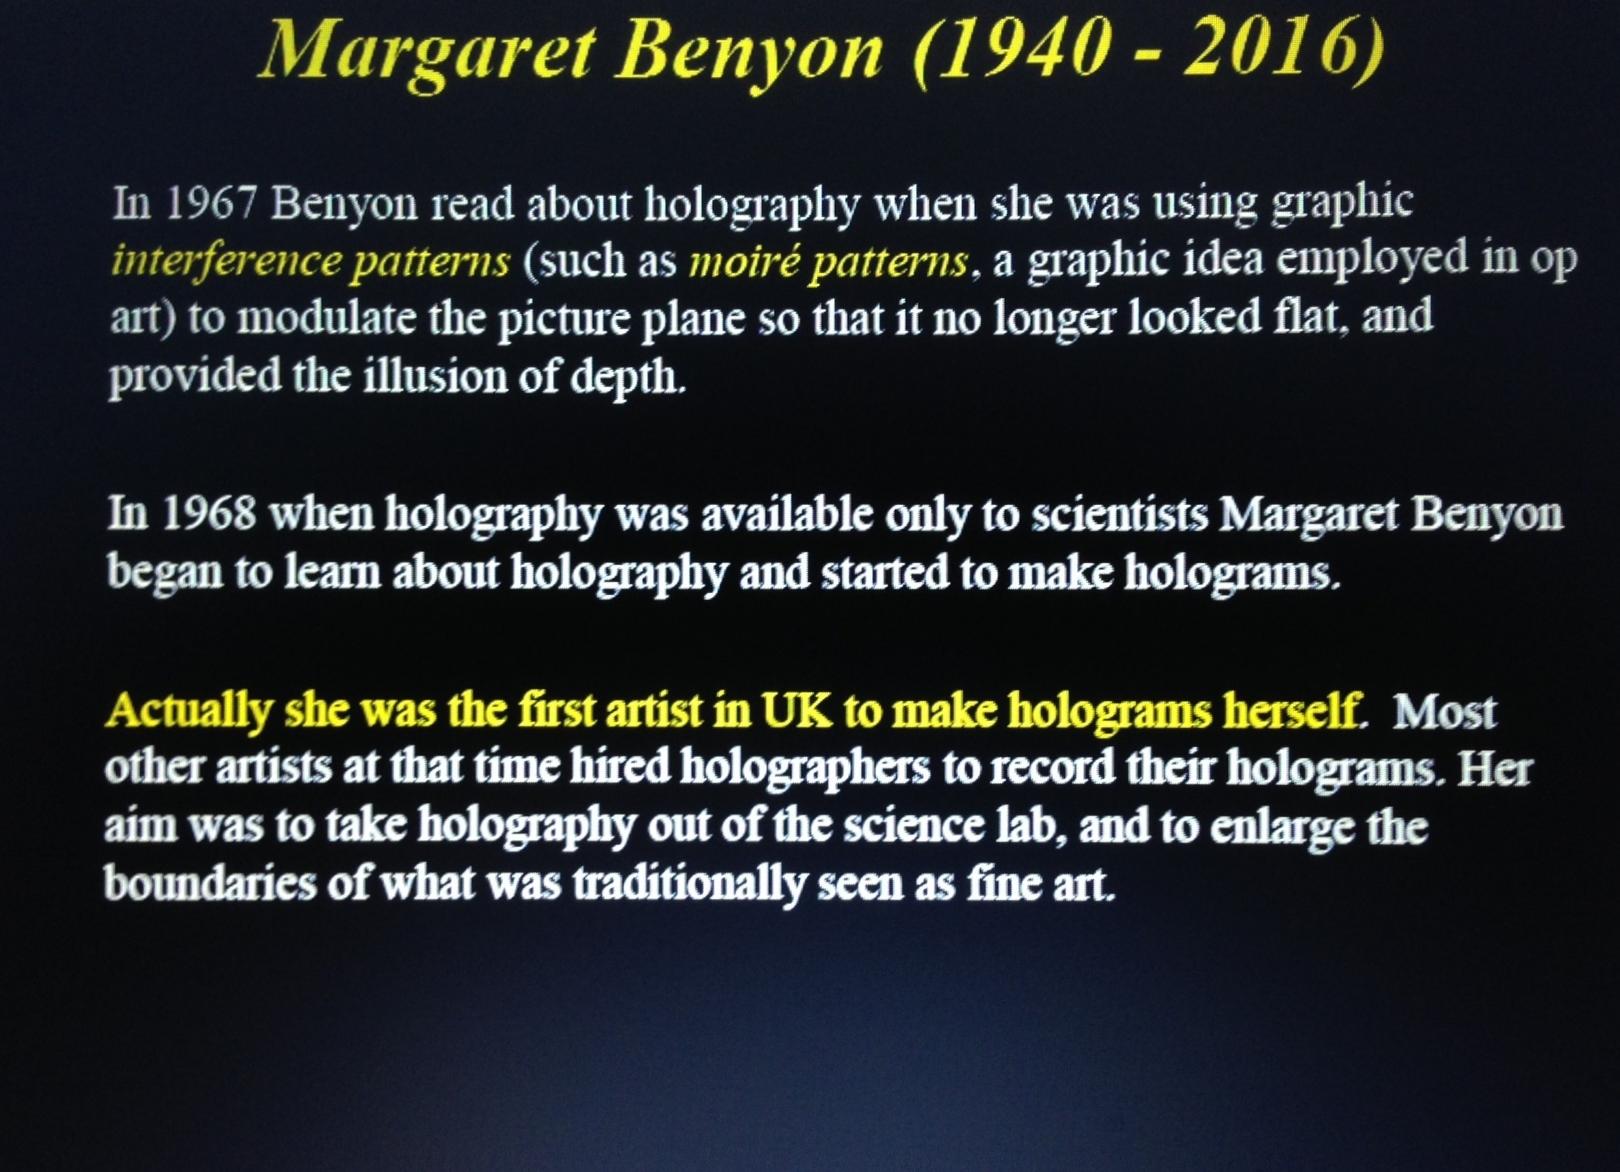 Margaret Benyon 2